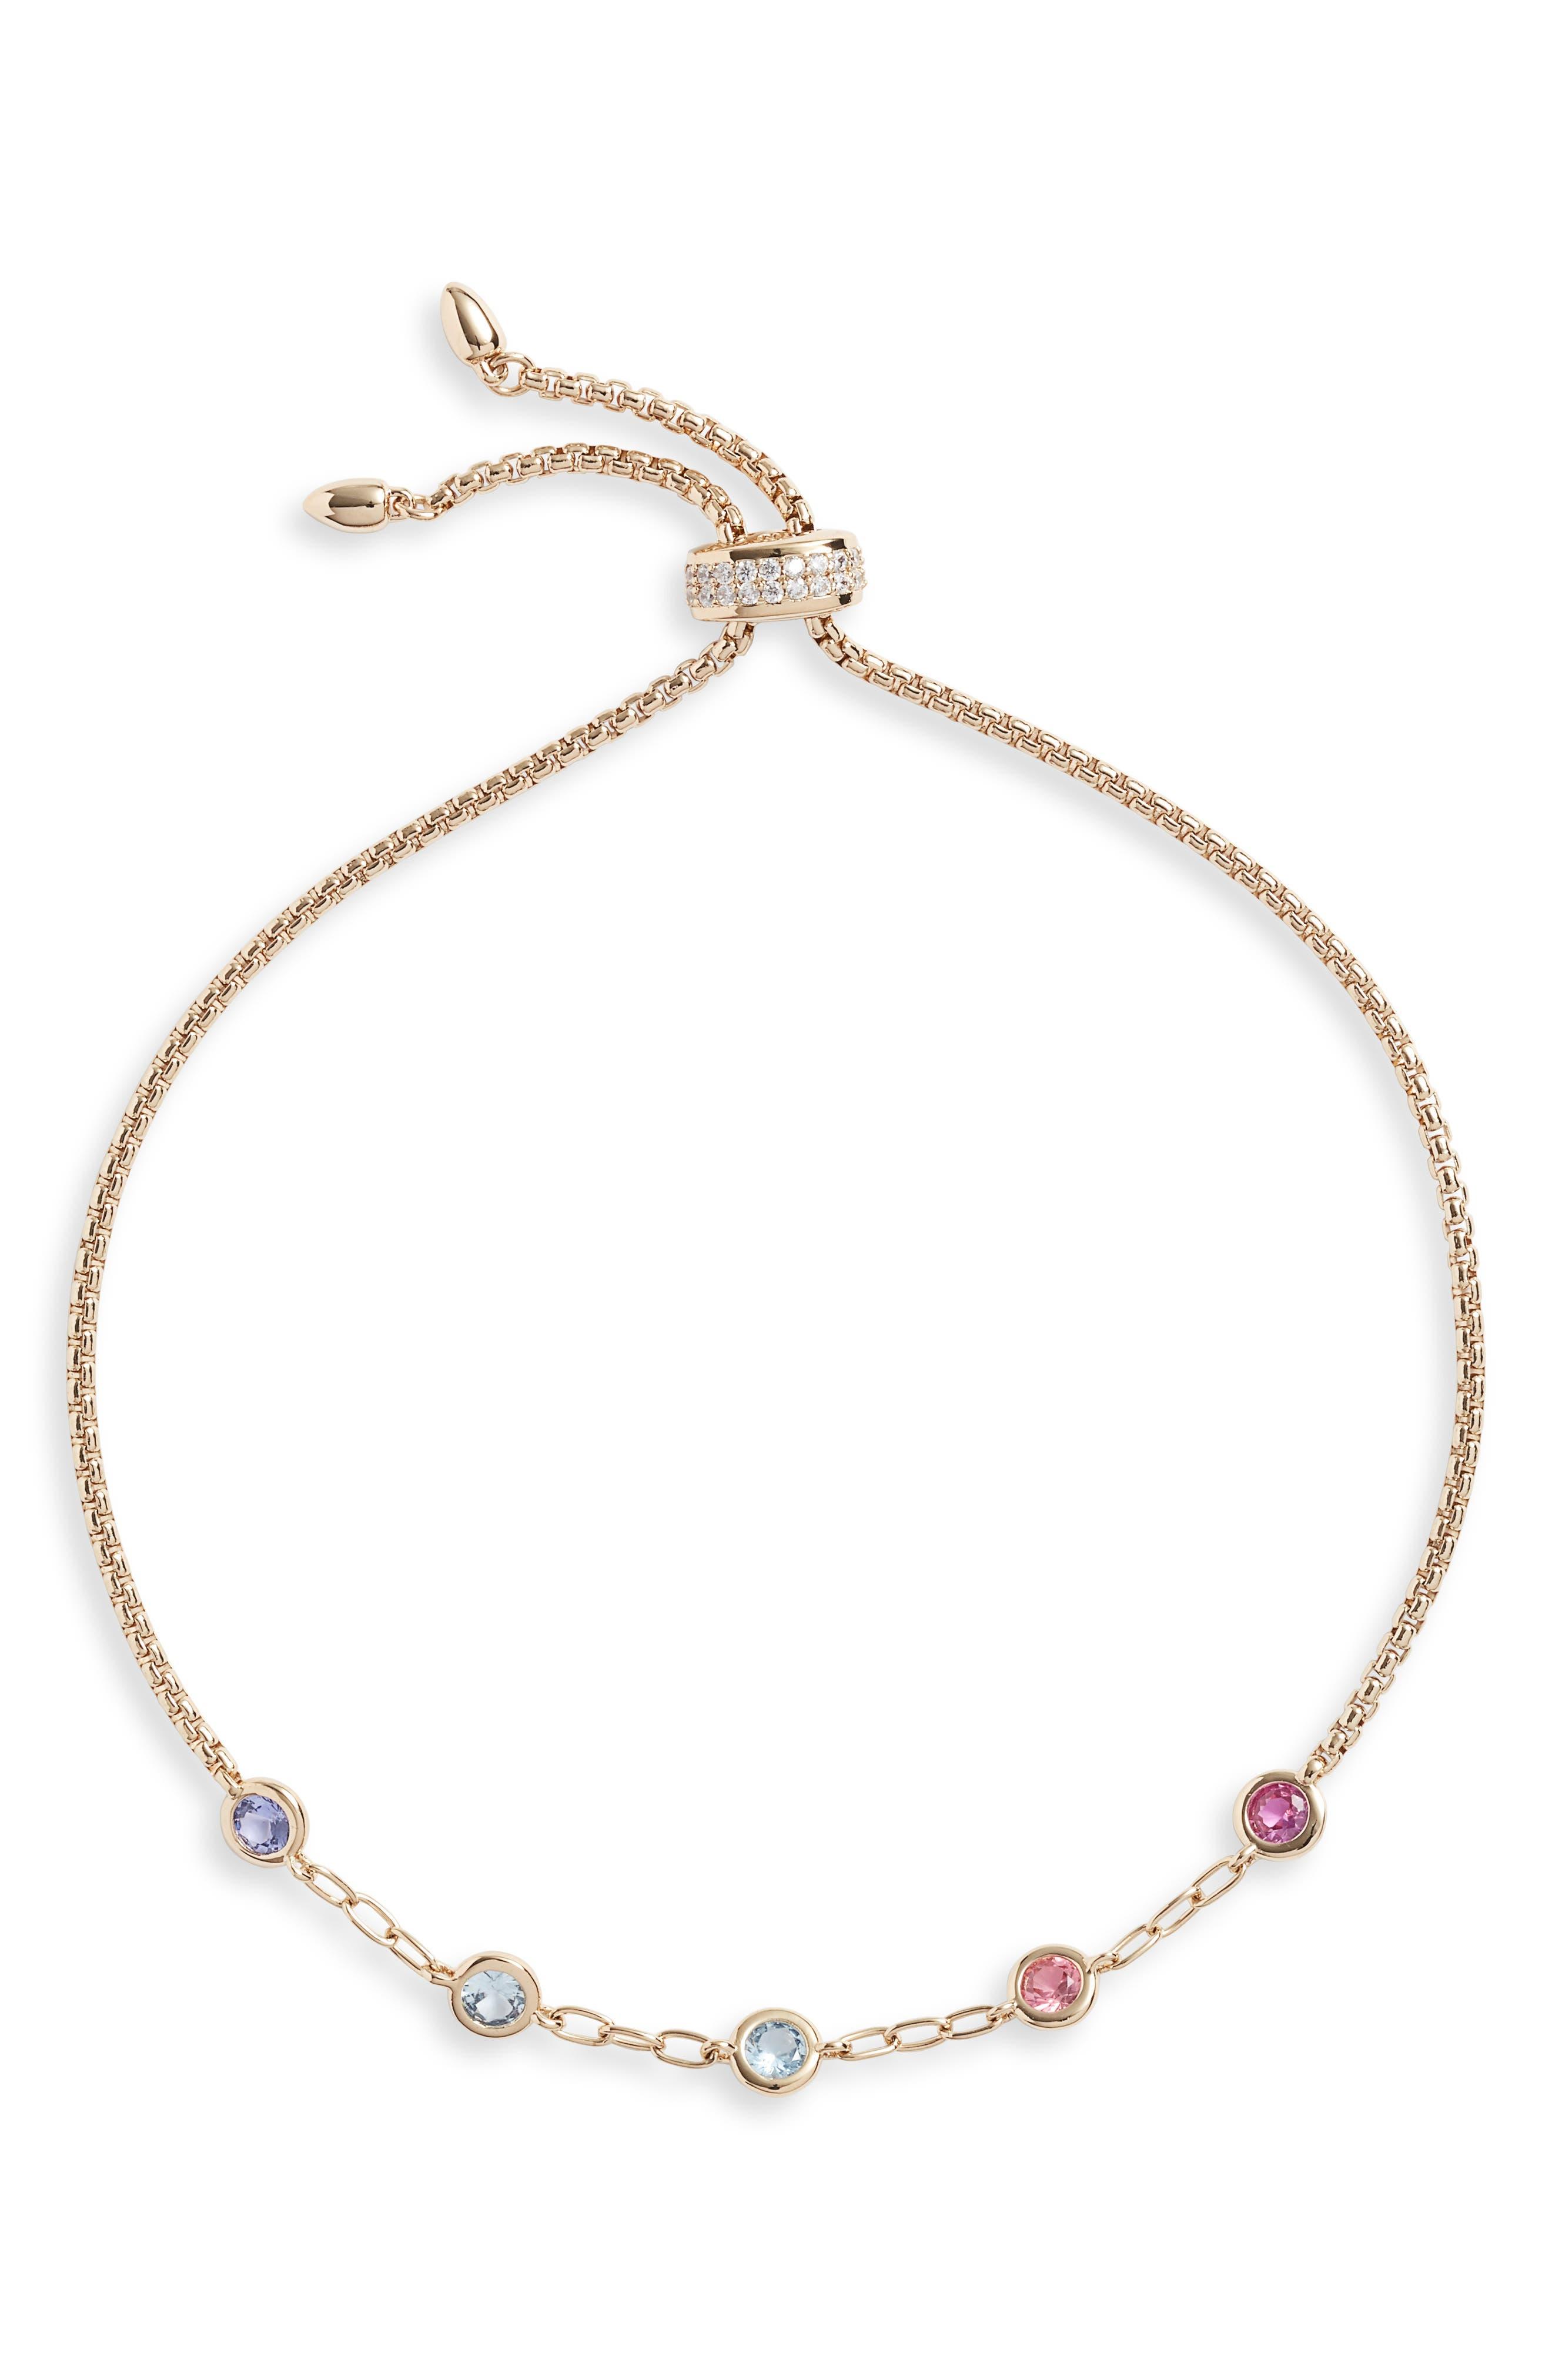 Bloom Adjustable Slider Bracelet,                             Main thumbnail 1, color,                             GOLD